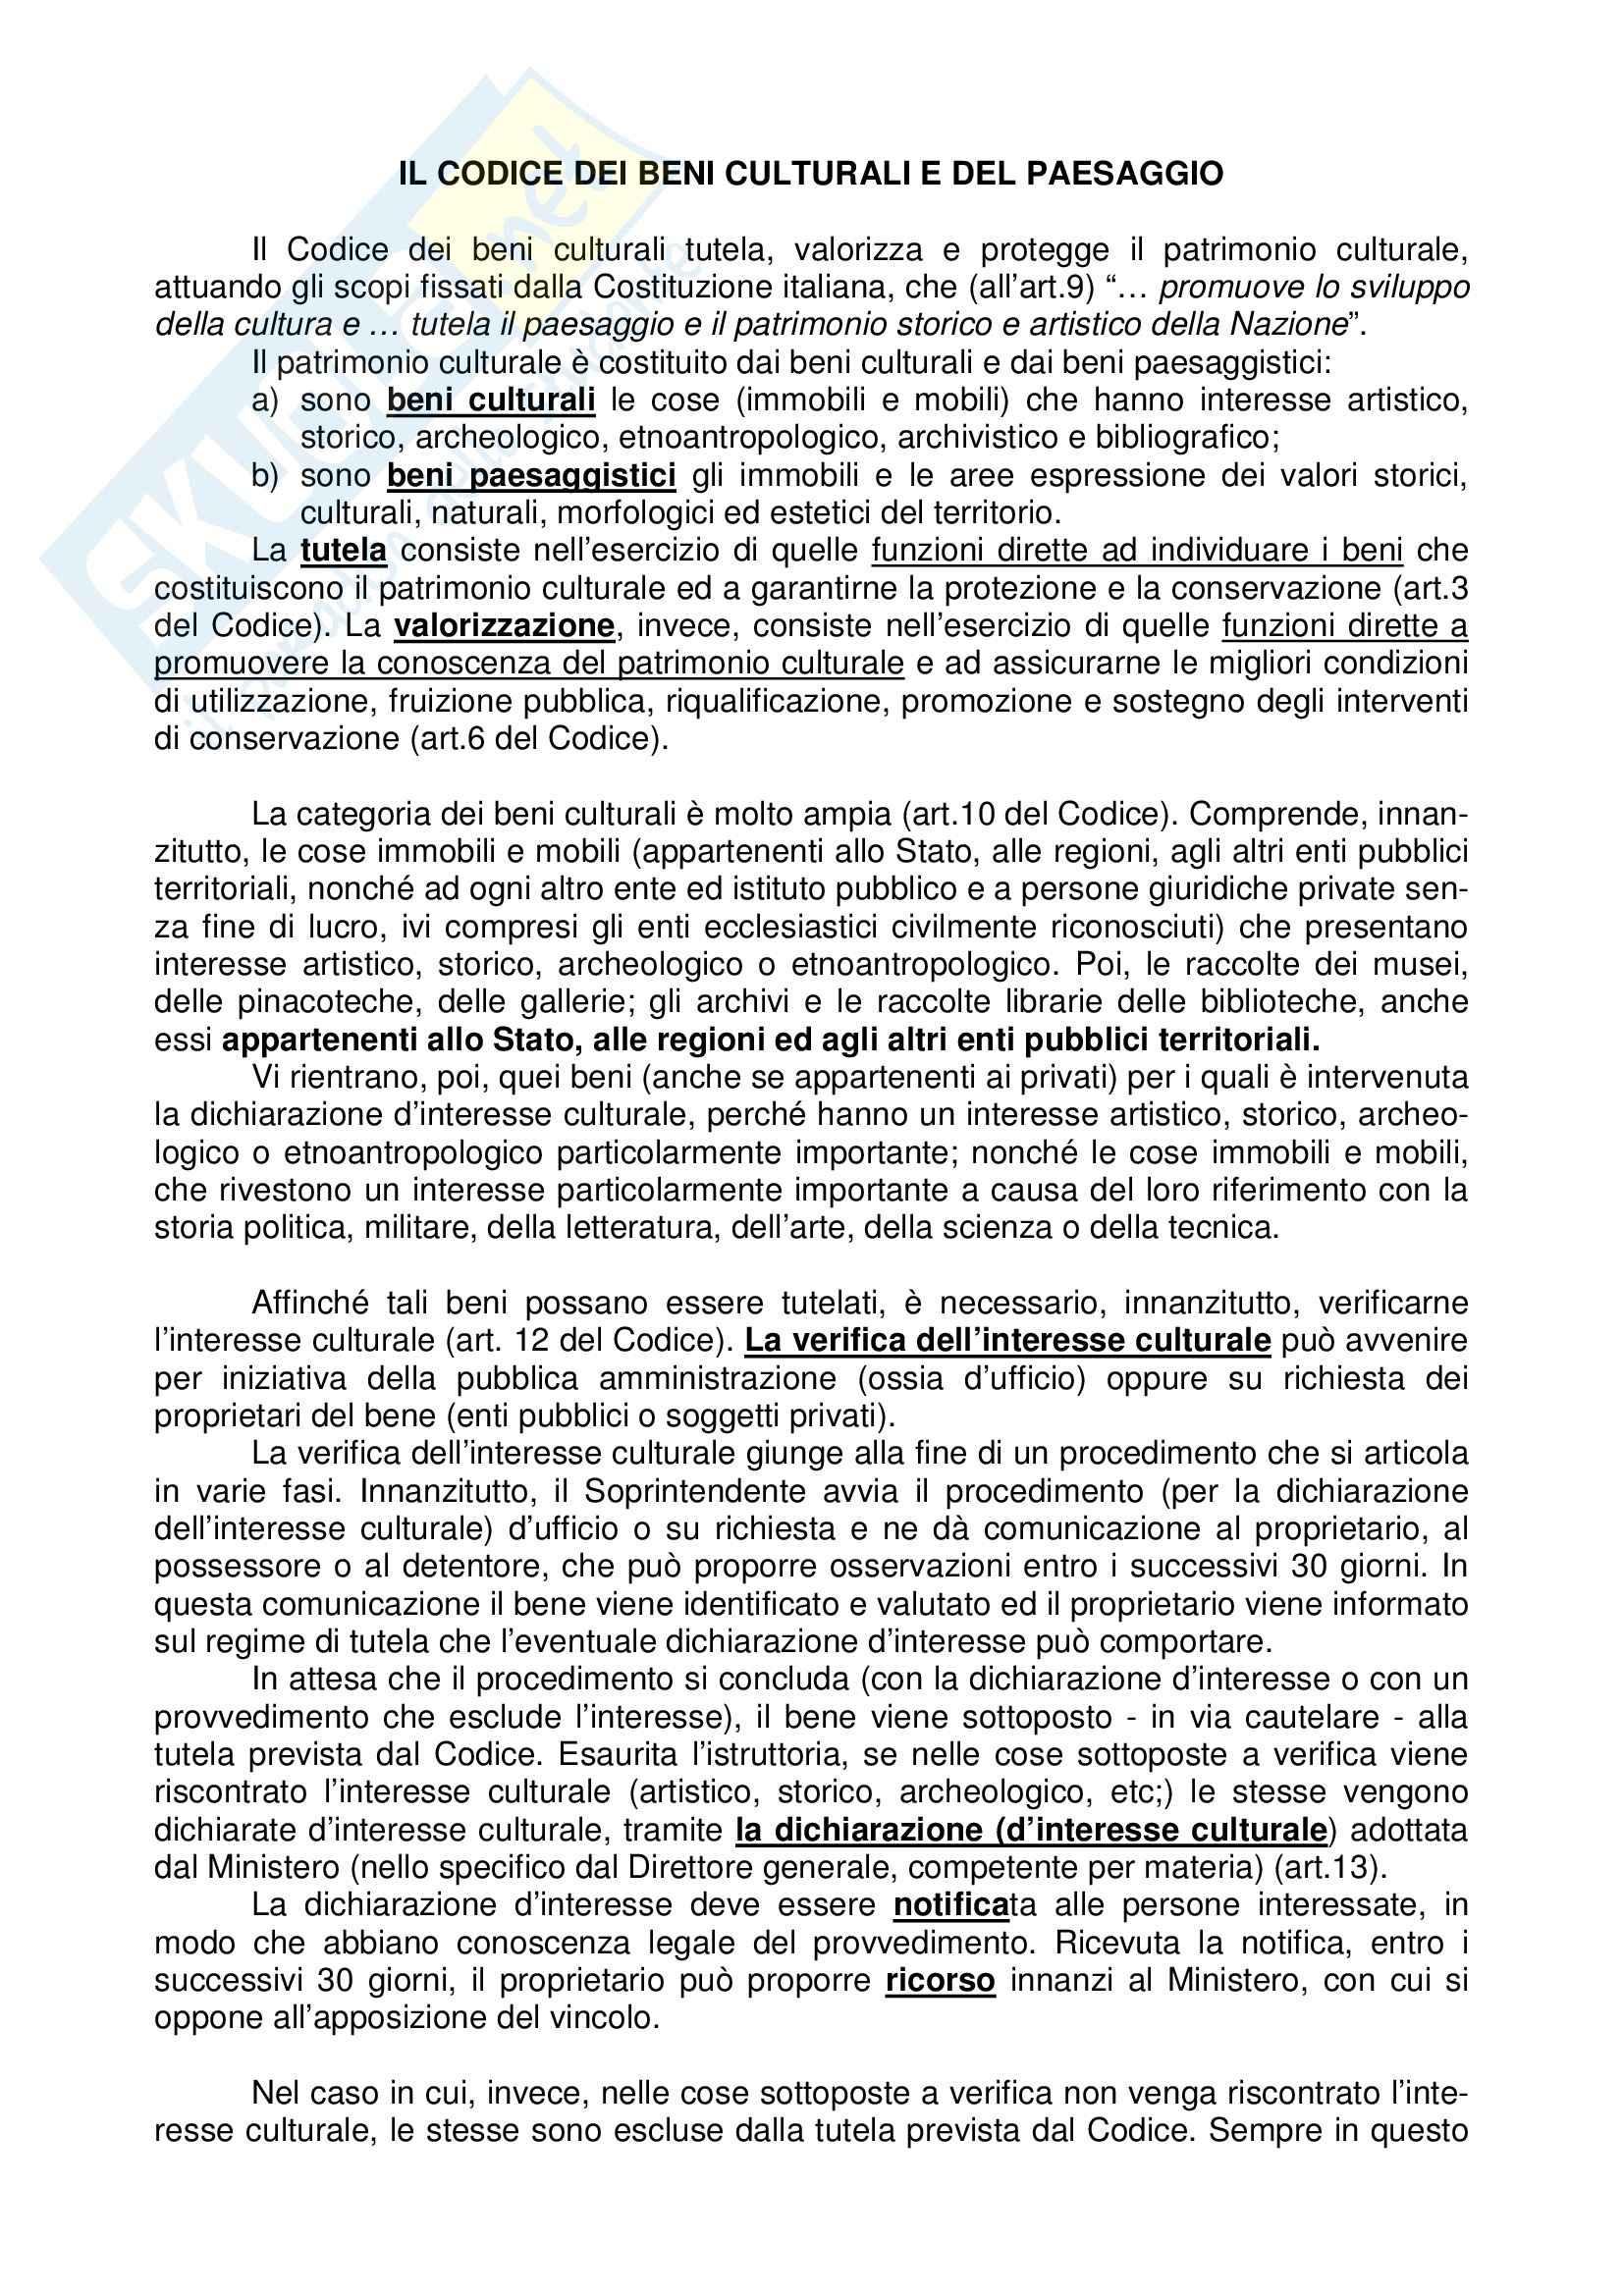 Legislazione dei beni culturali - Codice dei beni culturali